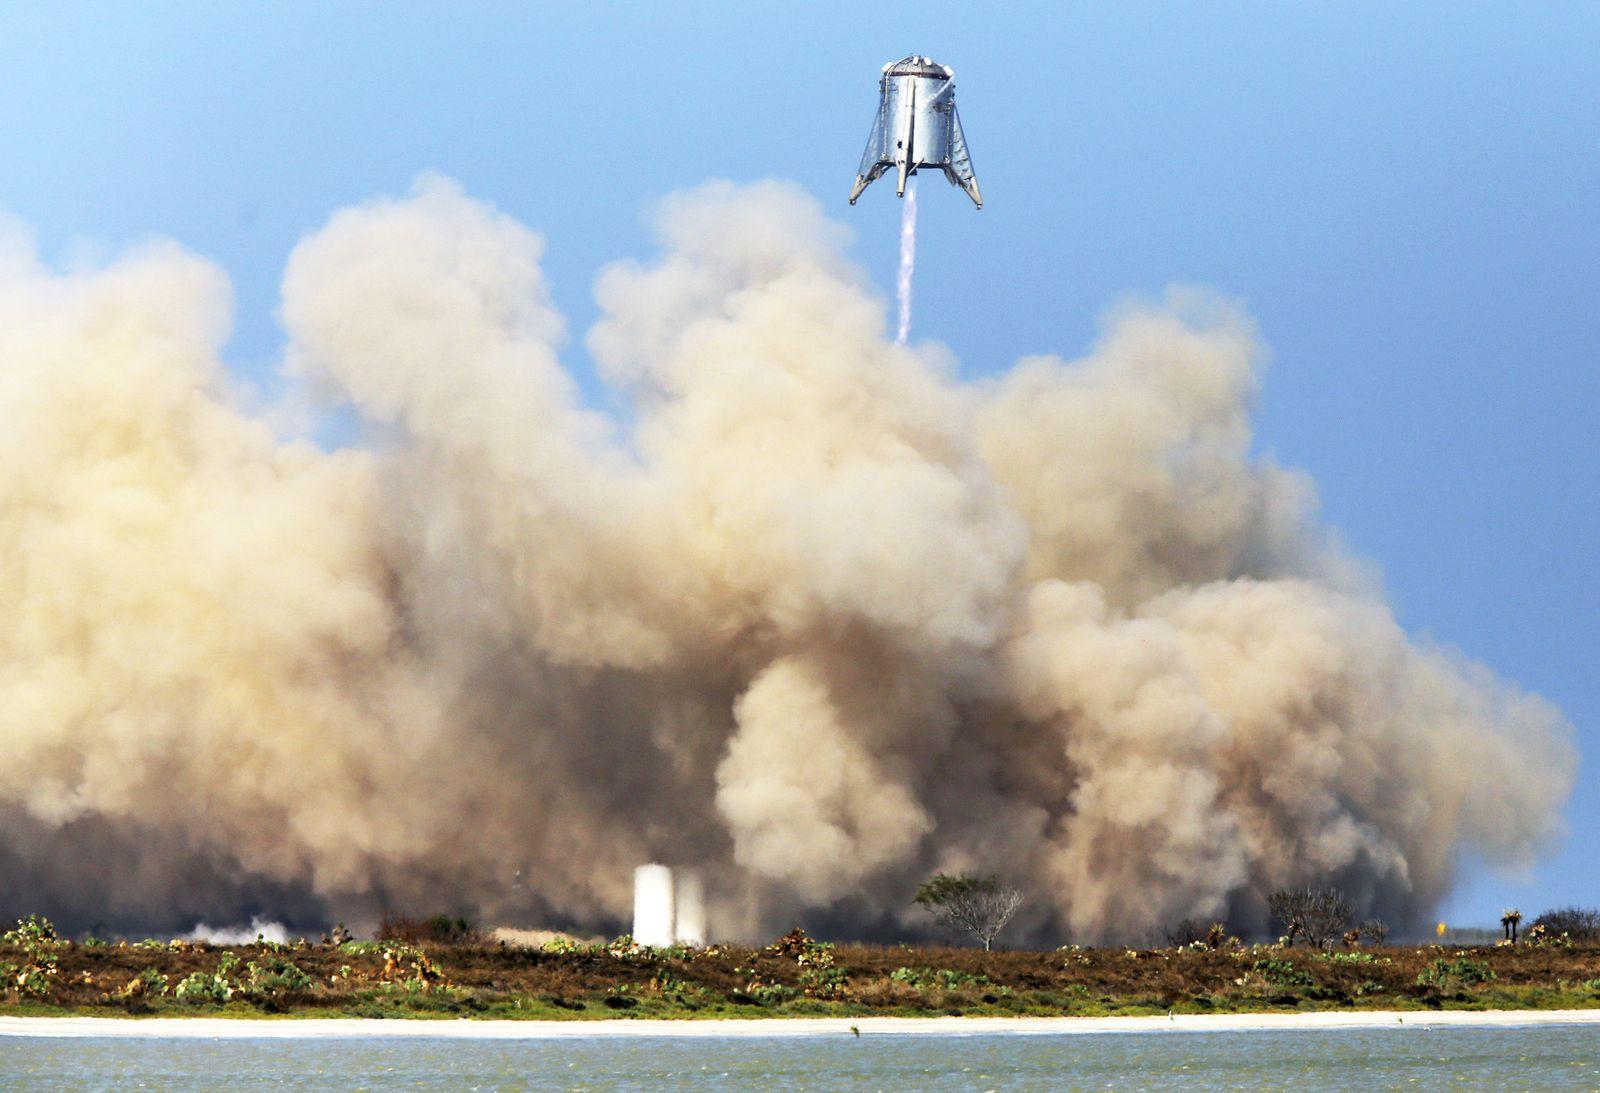 SpaceX testet erfolgreich Prototyp für Mars-Rakete